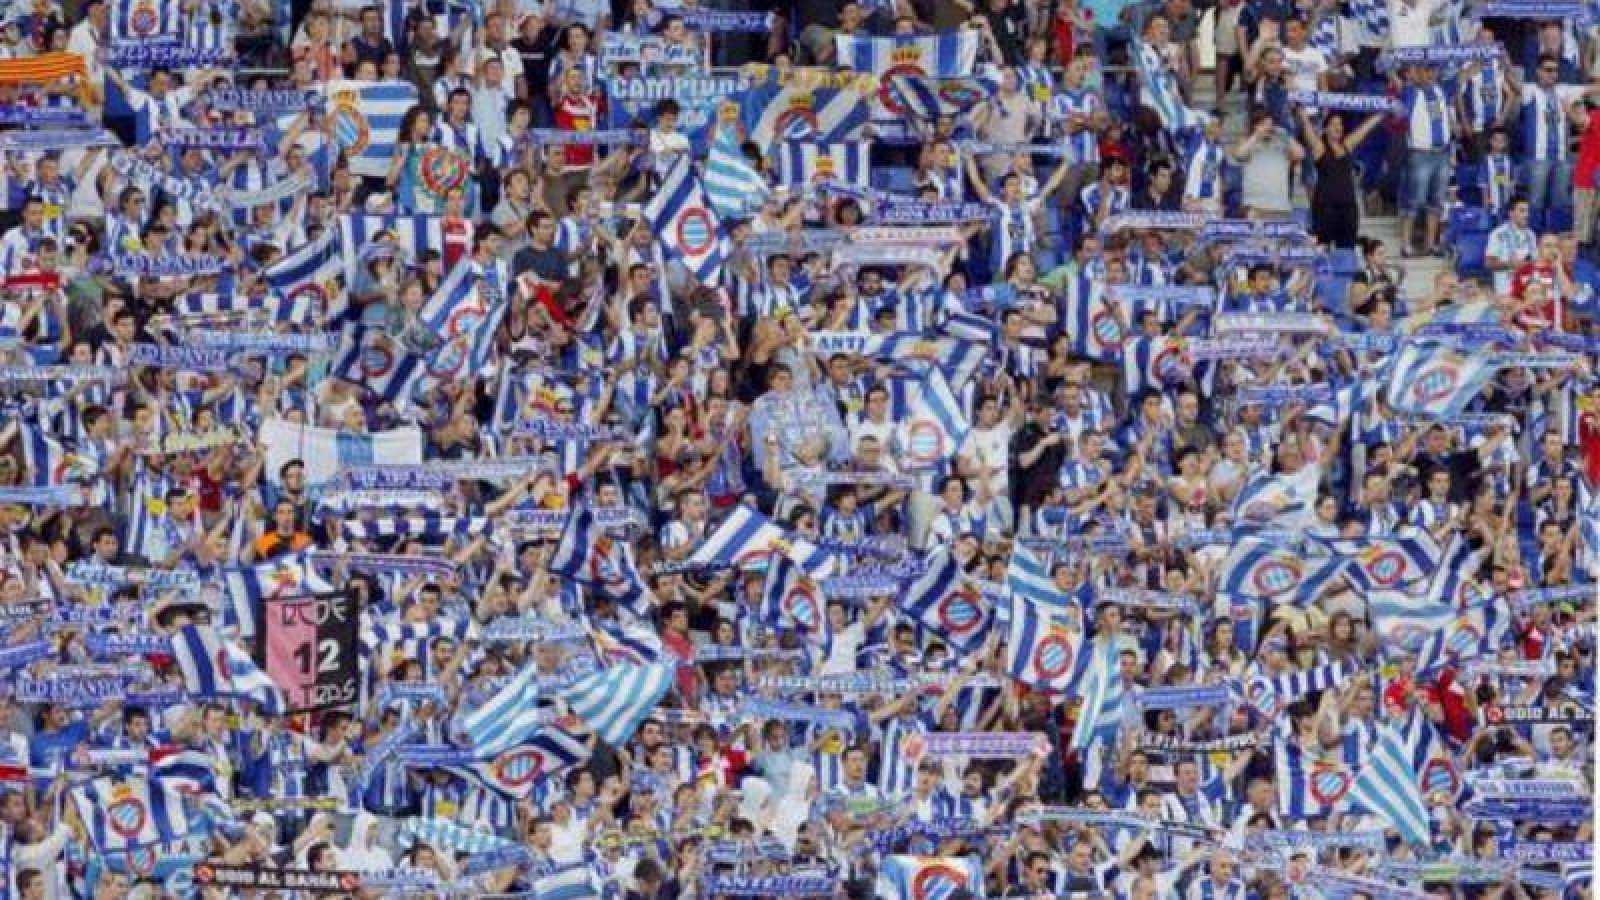 Aficionados del RCD Espanyol durante el acto de inauguración del Estadi Cornellà-El Prat